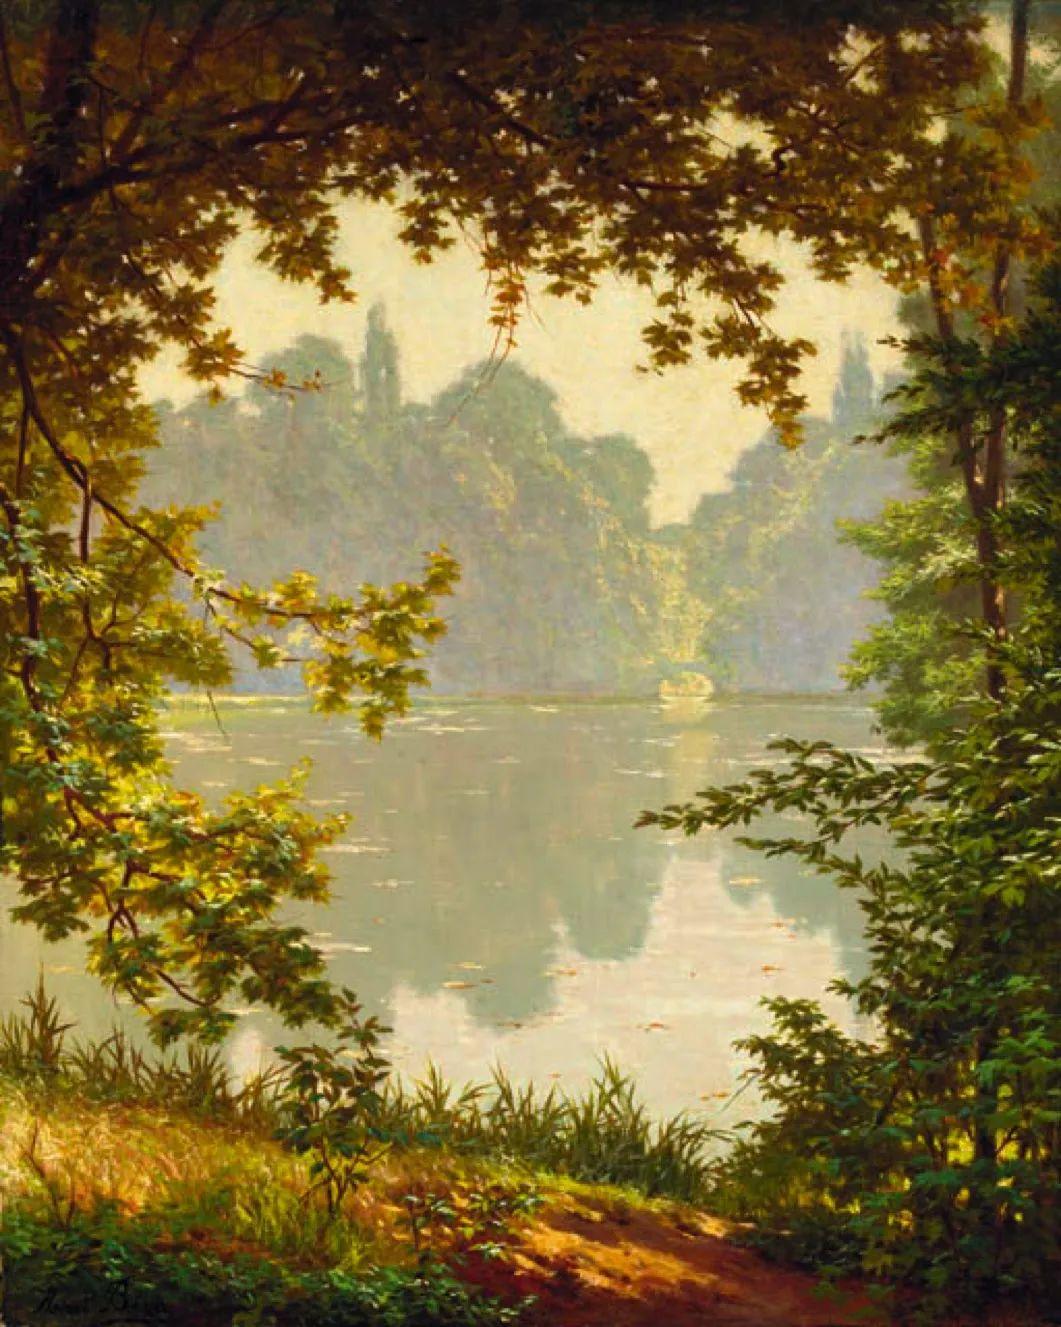 风景油画丨法国画家亨利·比瓦的风景油画作品插图37